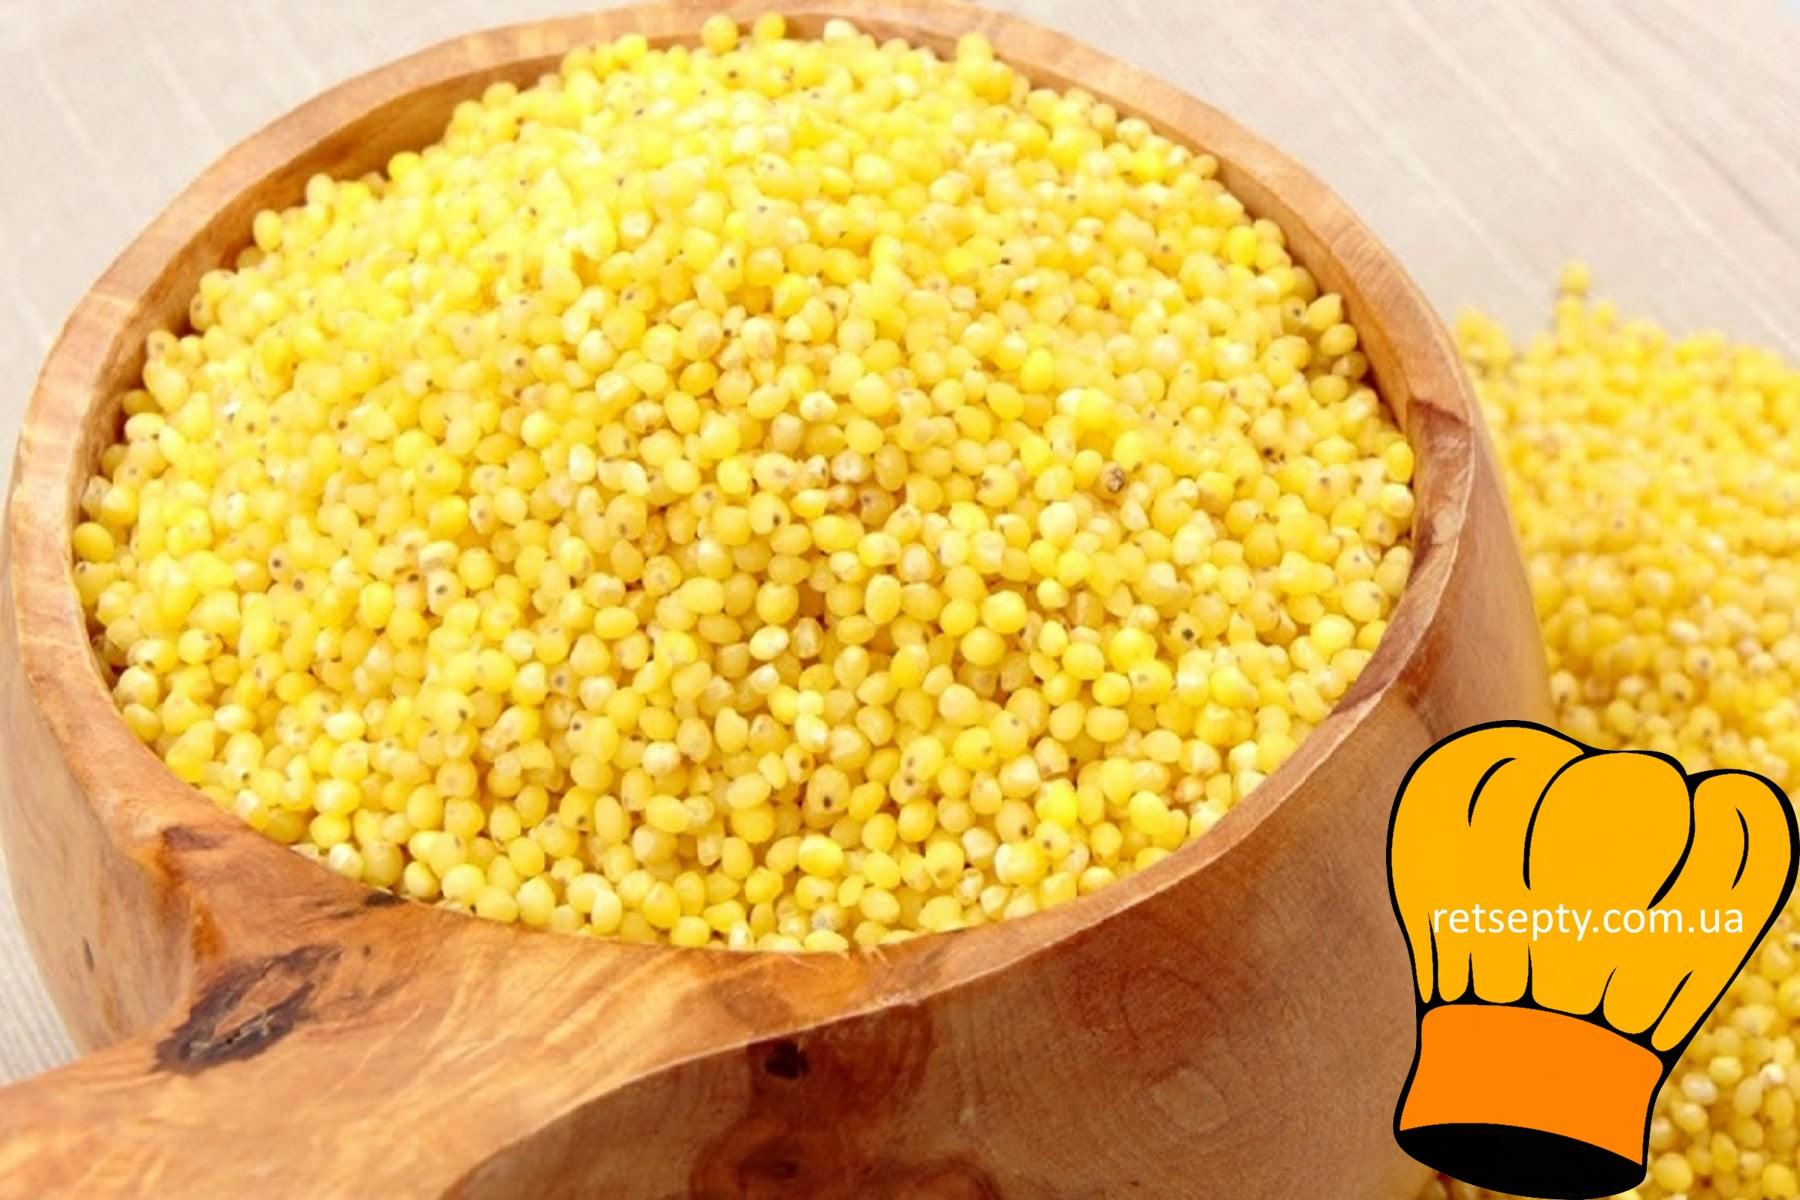 Кукурудзяна крупа